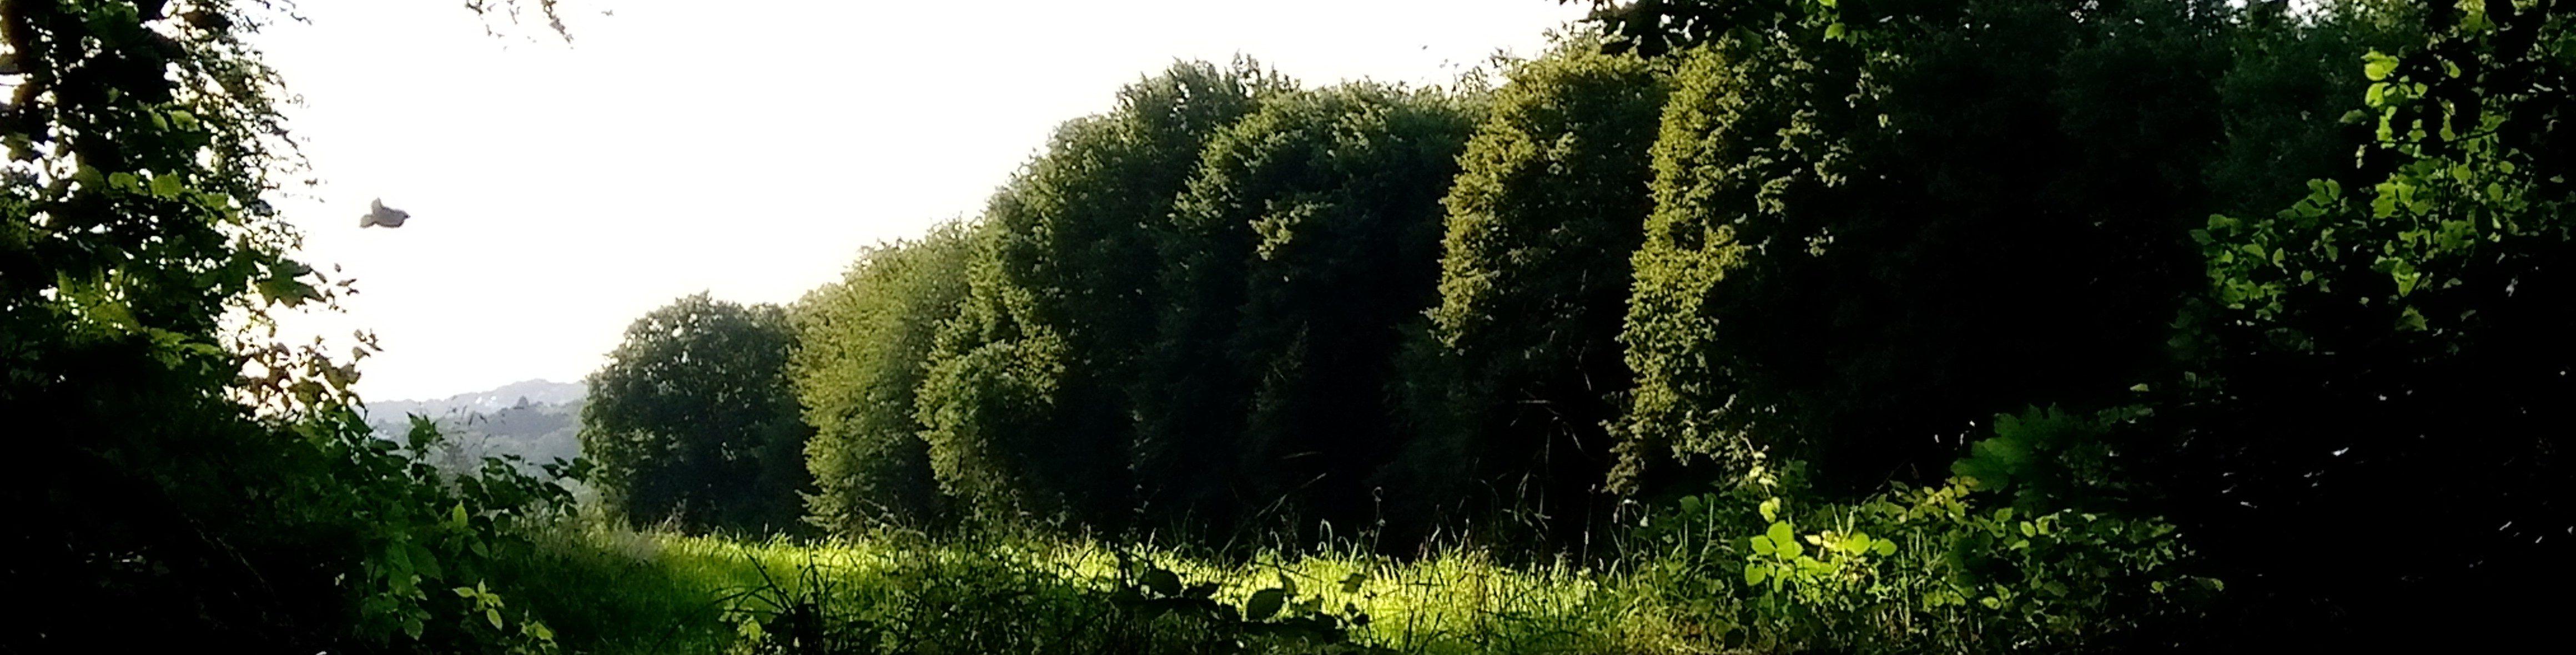 willkommen im sichtbaren Teil des Vorgartens meines Gehirns